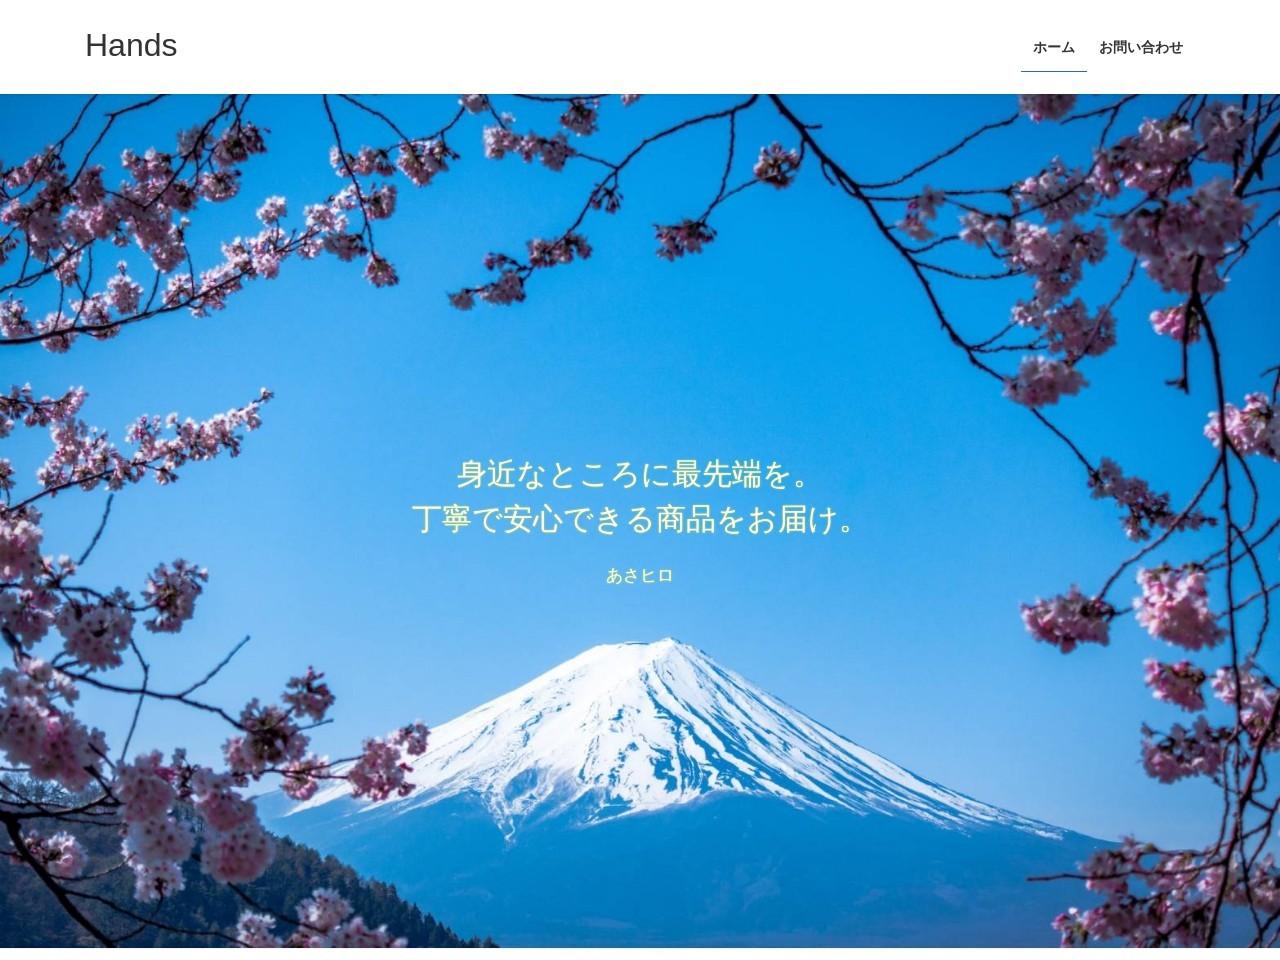 朝日クリエイティブ株式会社